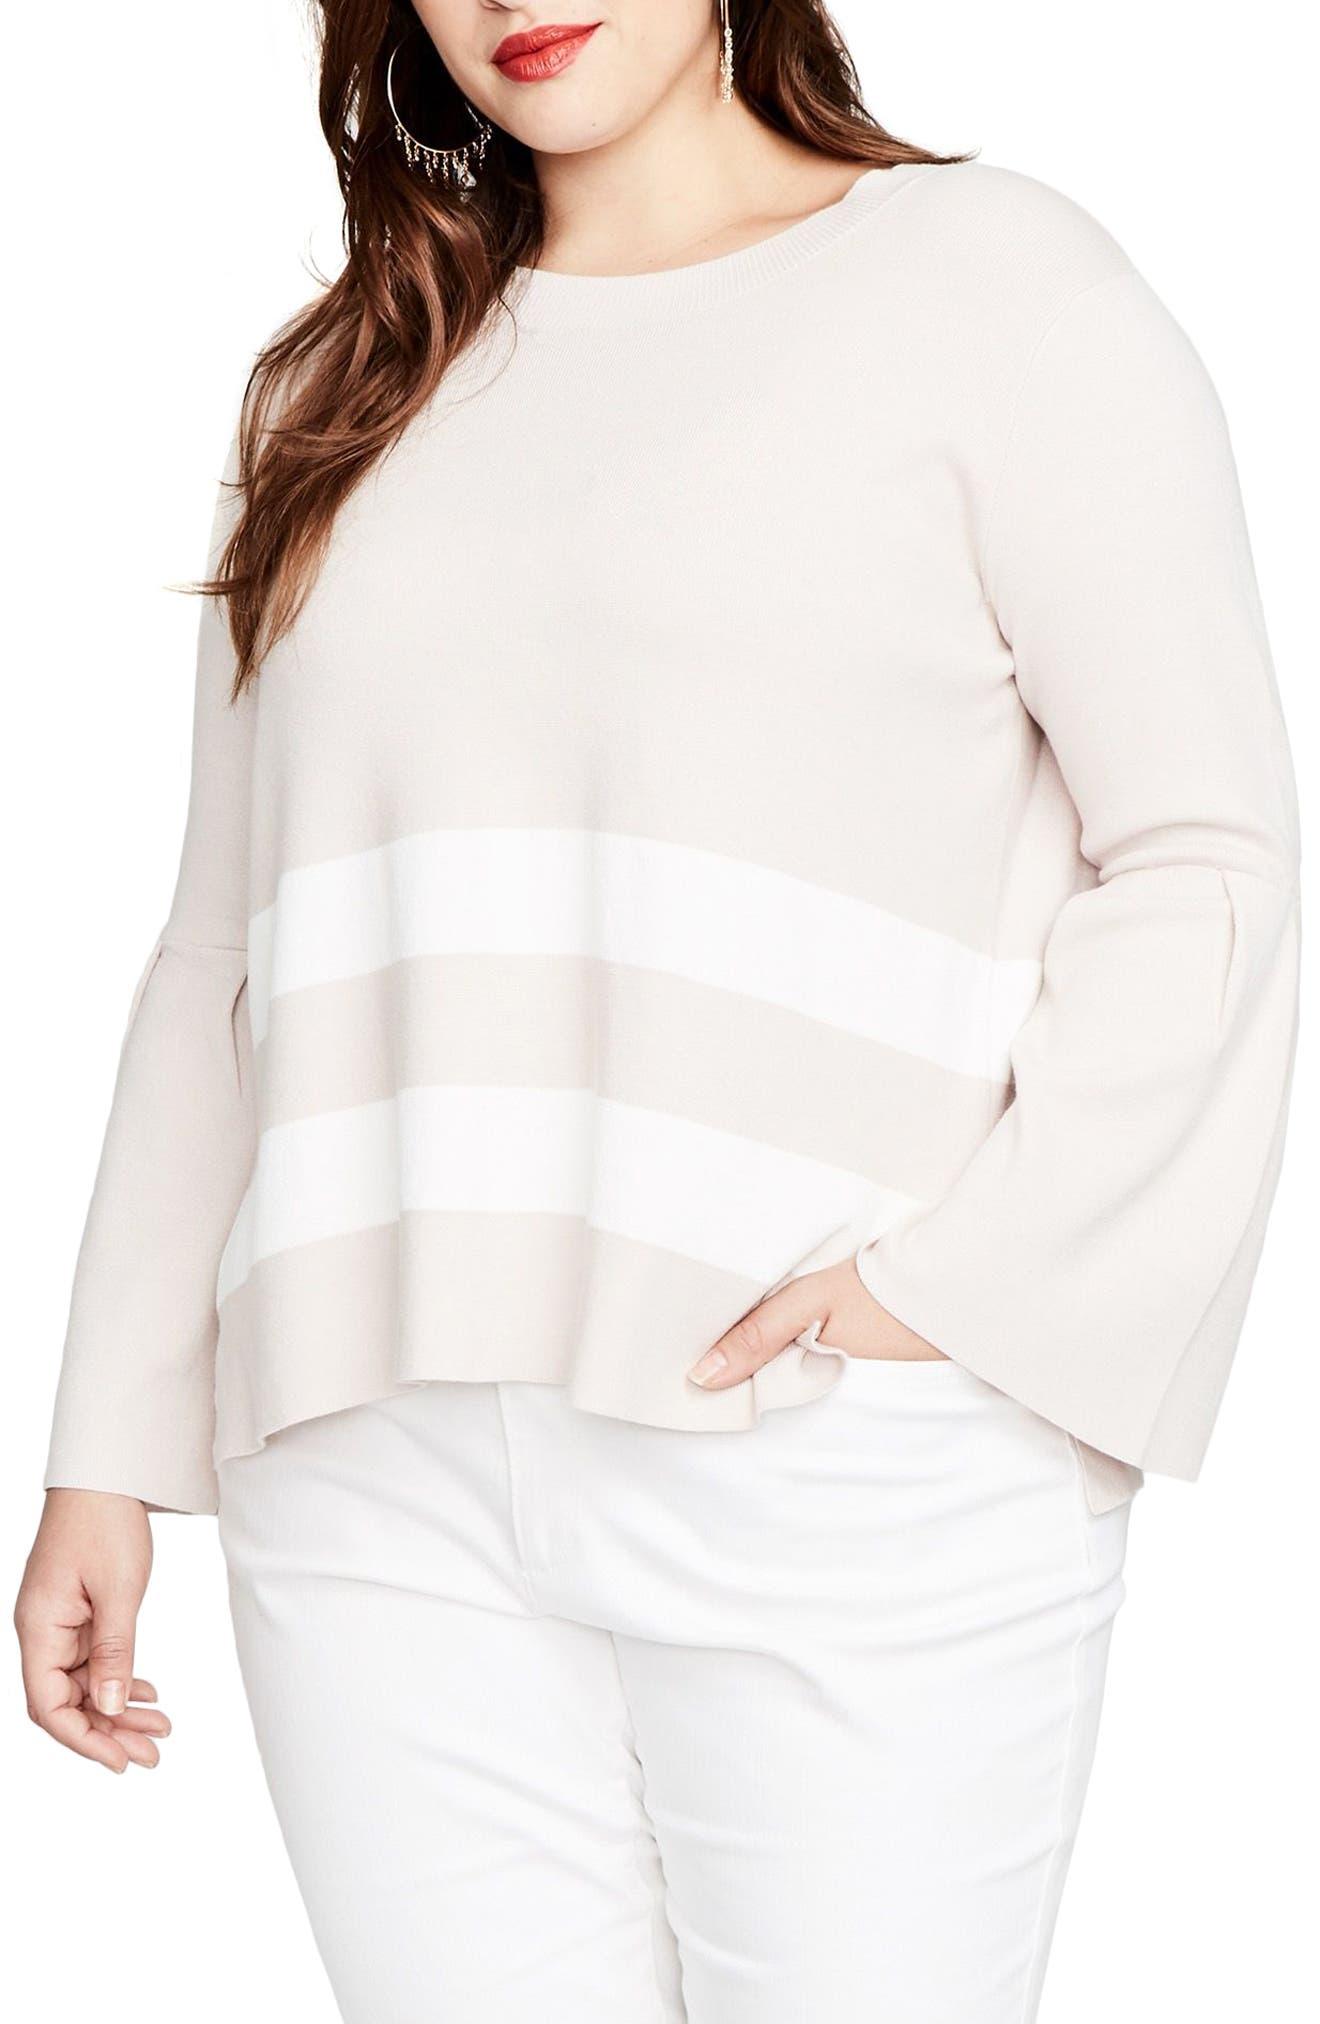 Main Image - RACHEL Rachel Roy Bow Back Stripe Top (Plus Size)